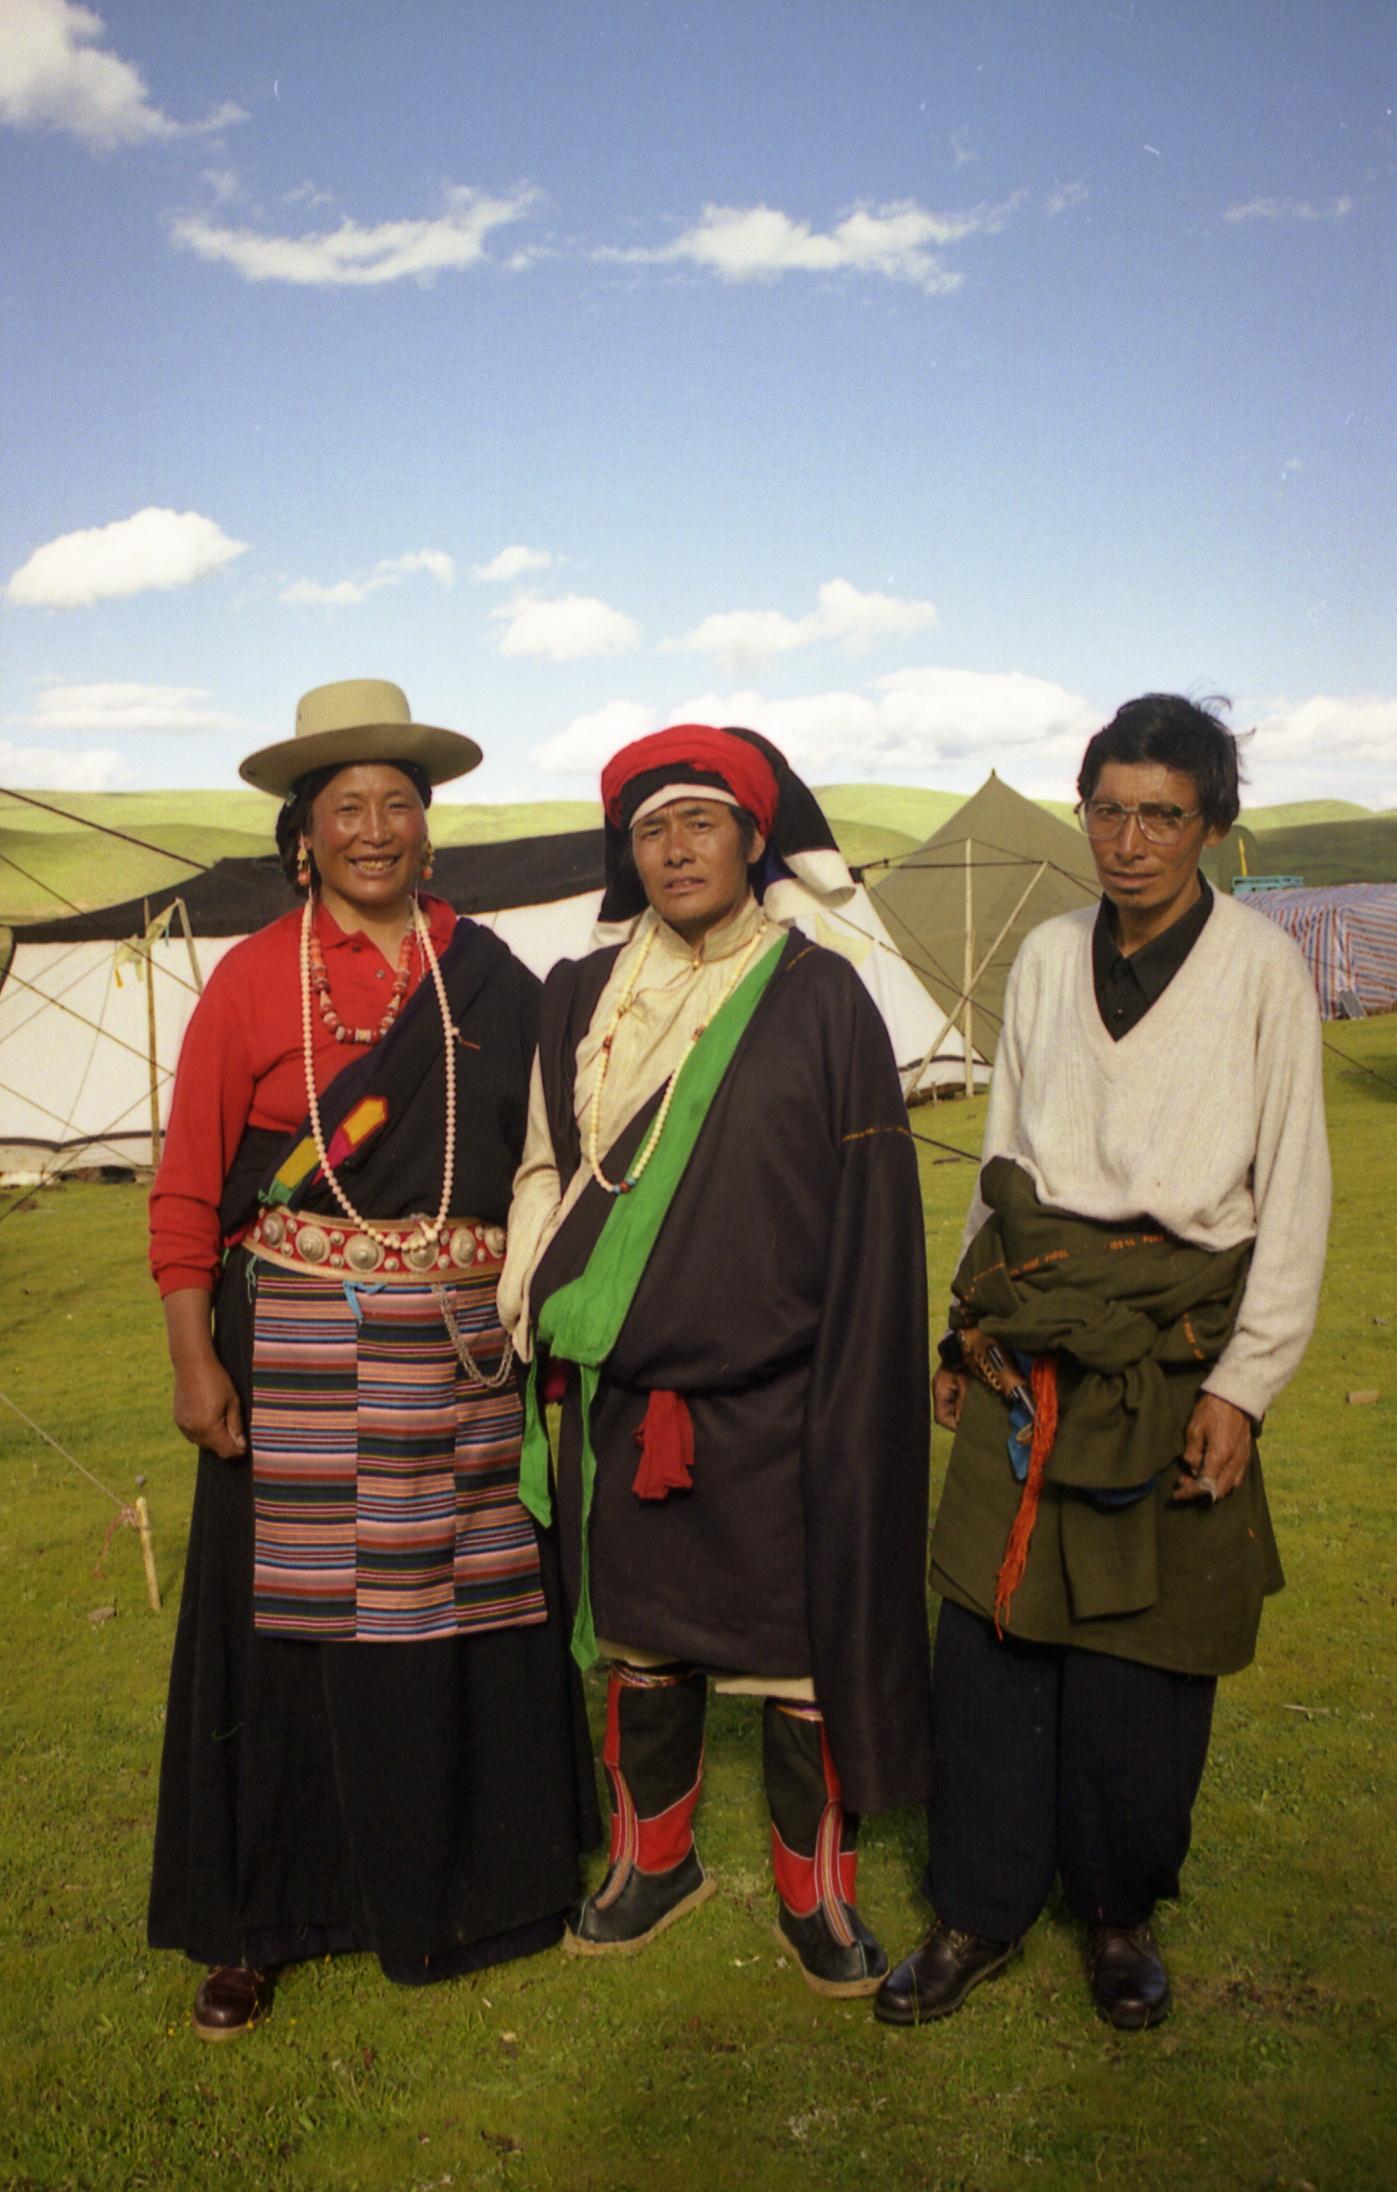 俄多与丈夫在自家帐篷前。(唯色1999年摄影)